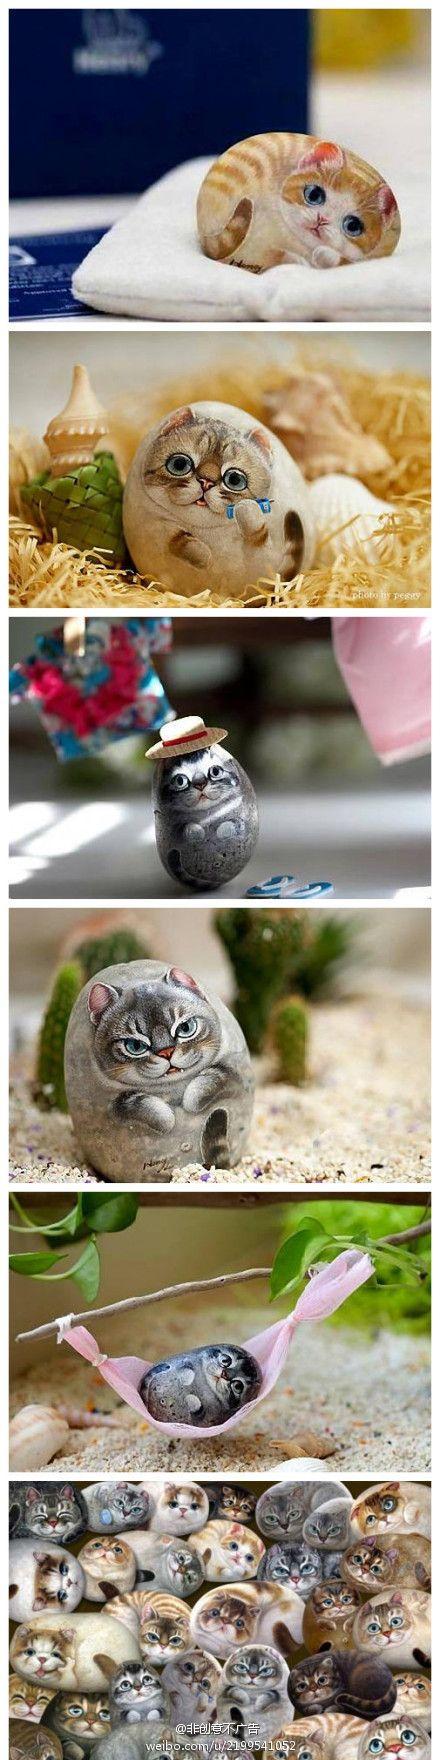 niedliche Steine